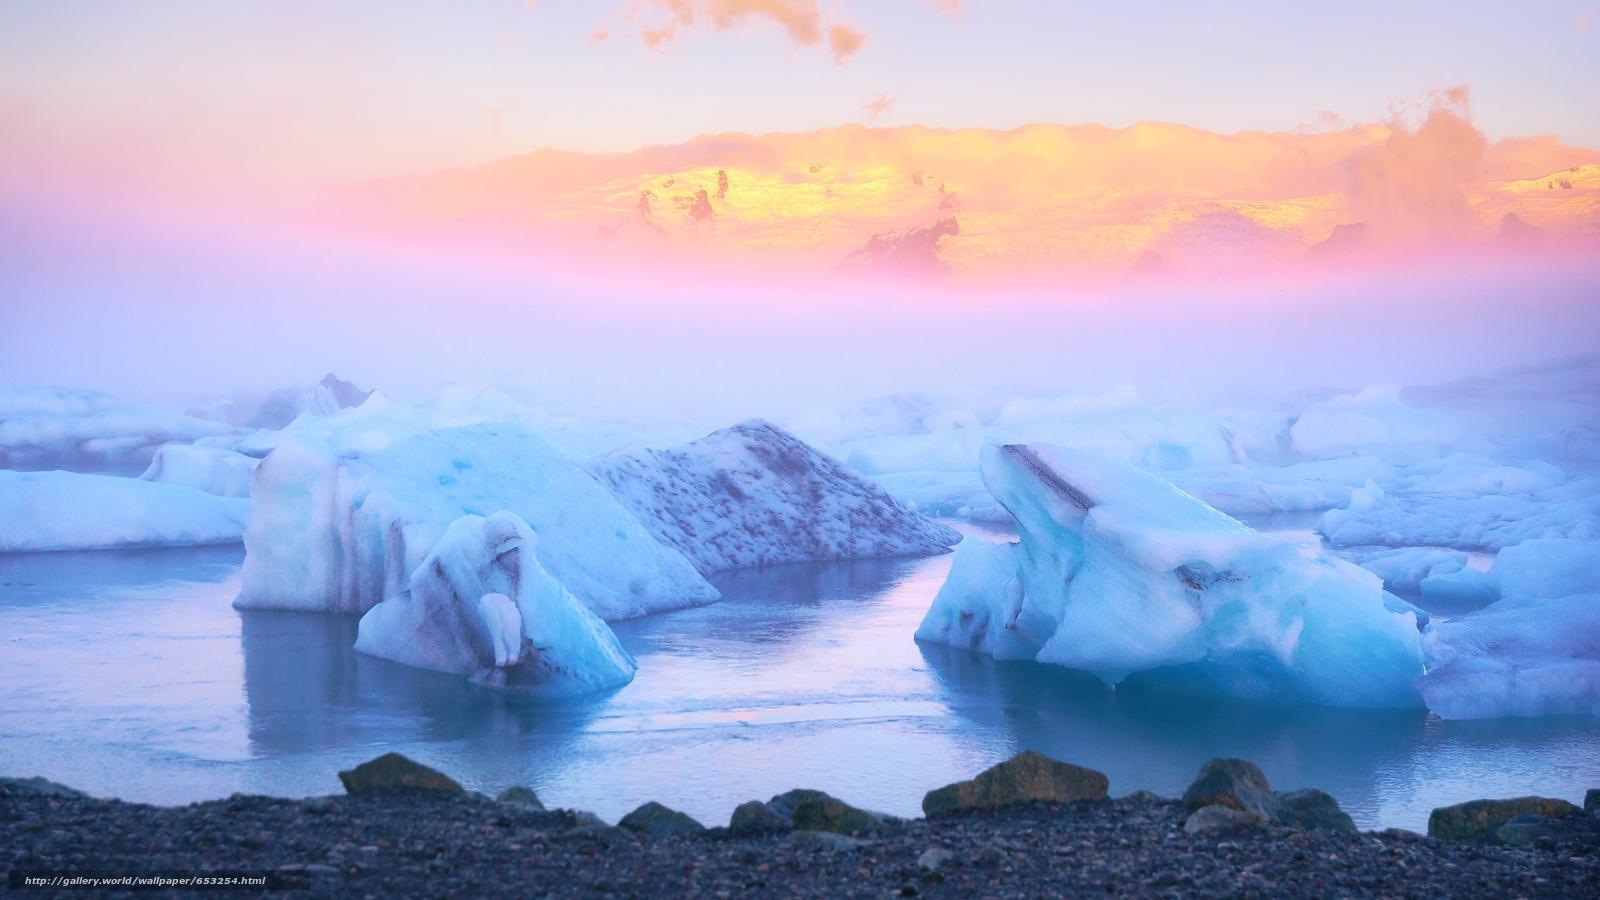 Скачать обои Исландия,  льды,  лед,  ледник бесплатно для рабочего стола в разрешении 3840x2160 — картинка №653254